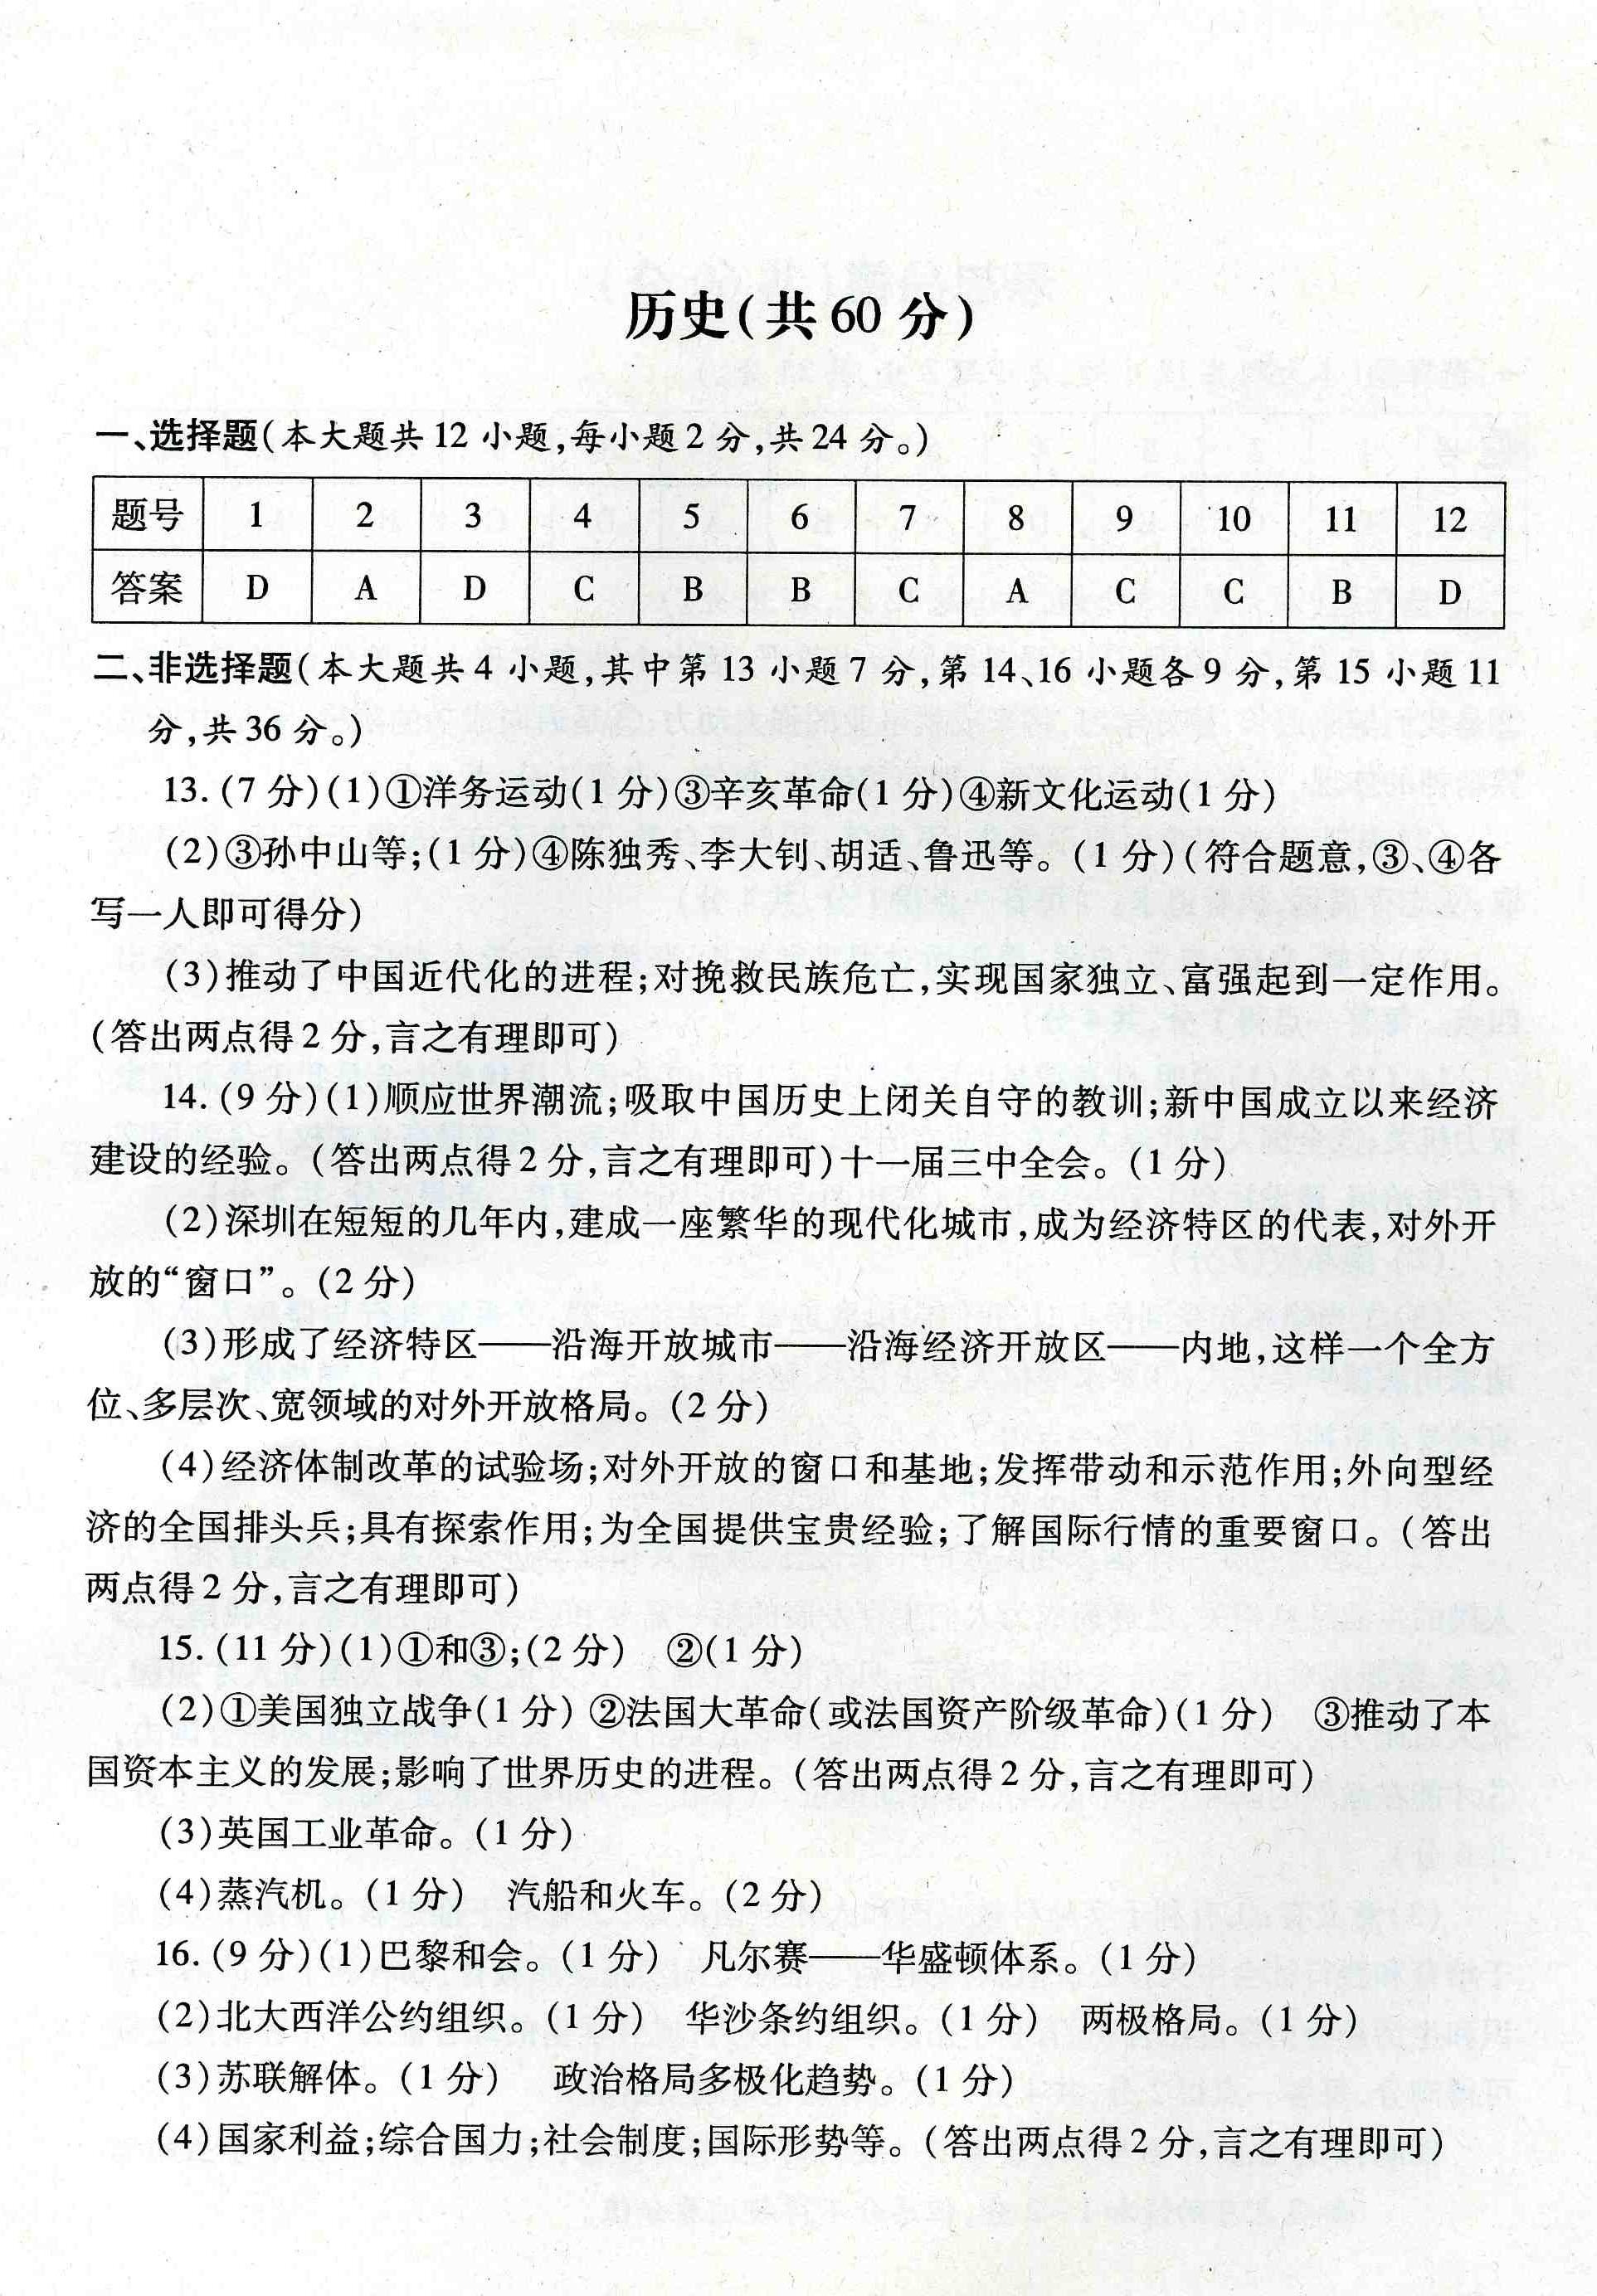 2017年新疆维吾尔自治区历史中考答案图1